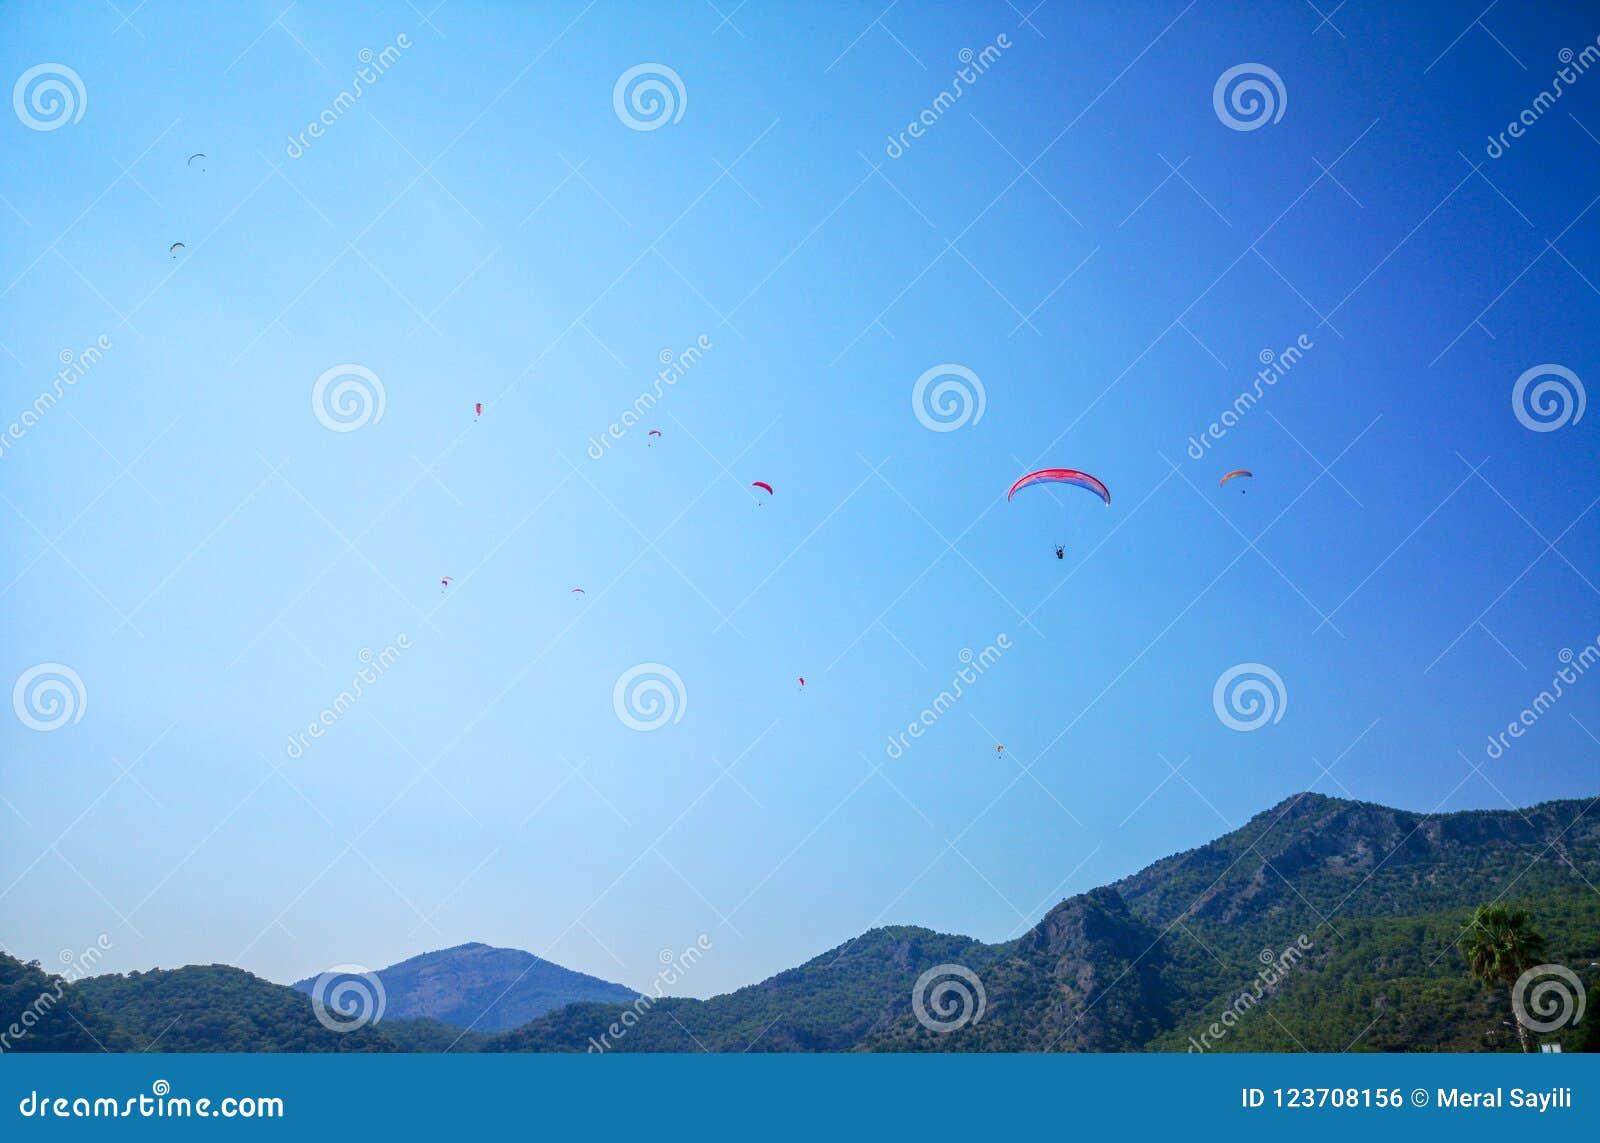 飞行高在夏令时蓝天,费特希耶, Mugla的青山上的一个小组parachuters